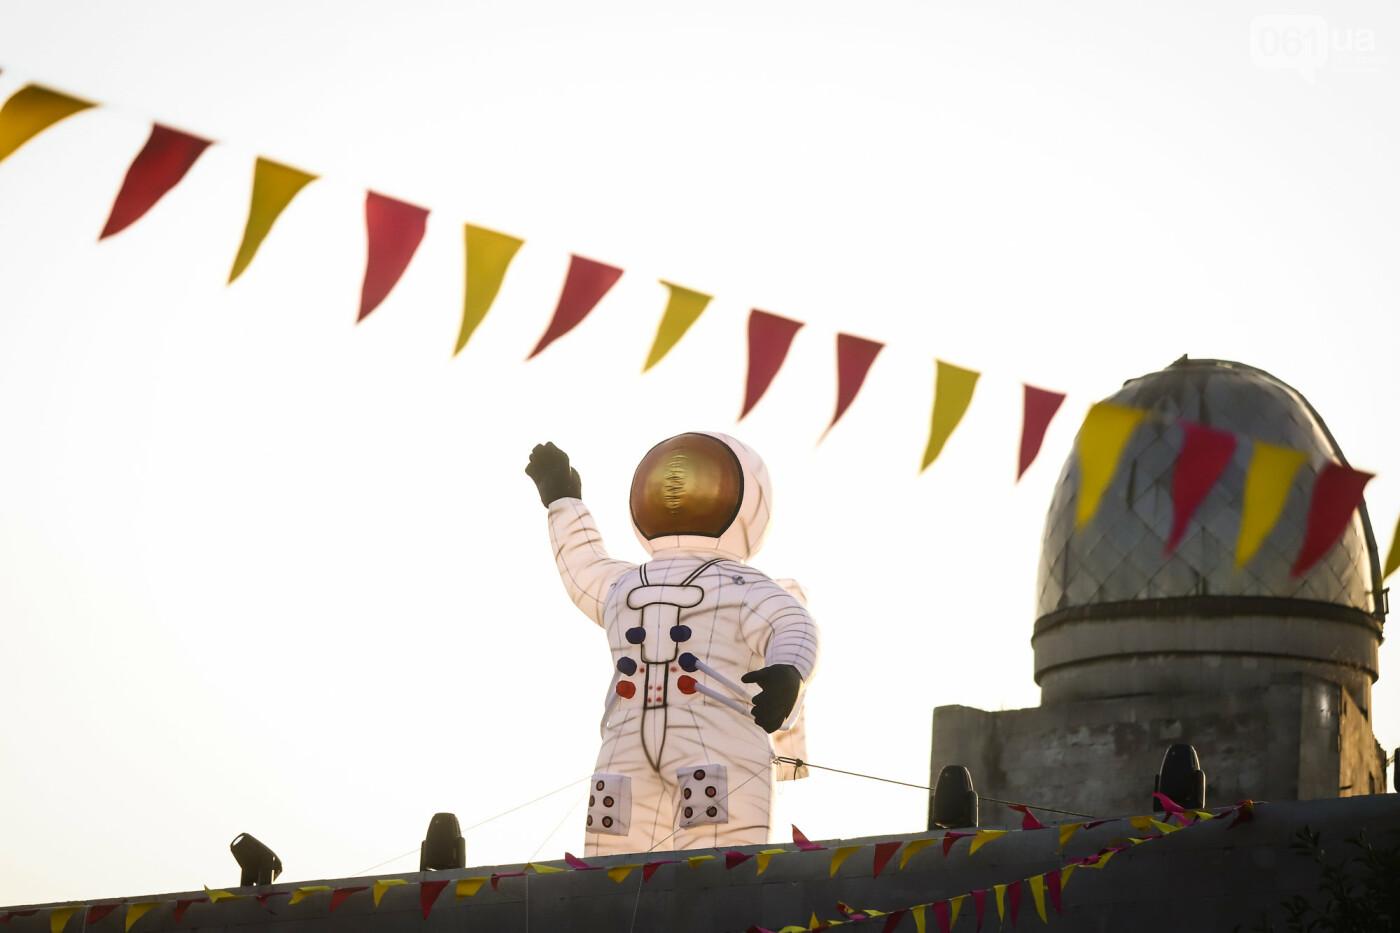 Сергей Бабкин, Макс Барских, «Вагоновожатые» и «Плач Єремії»: фоторепортаж о первом дне Khortytsia Freedom, фото-118